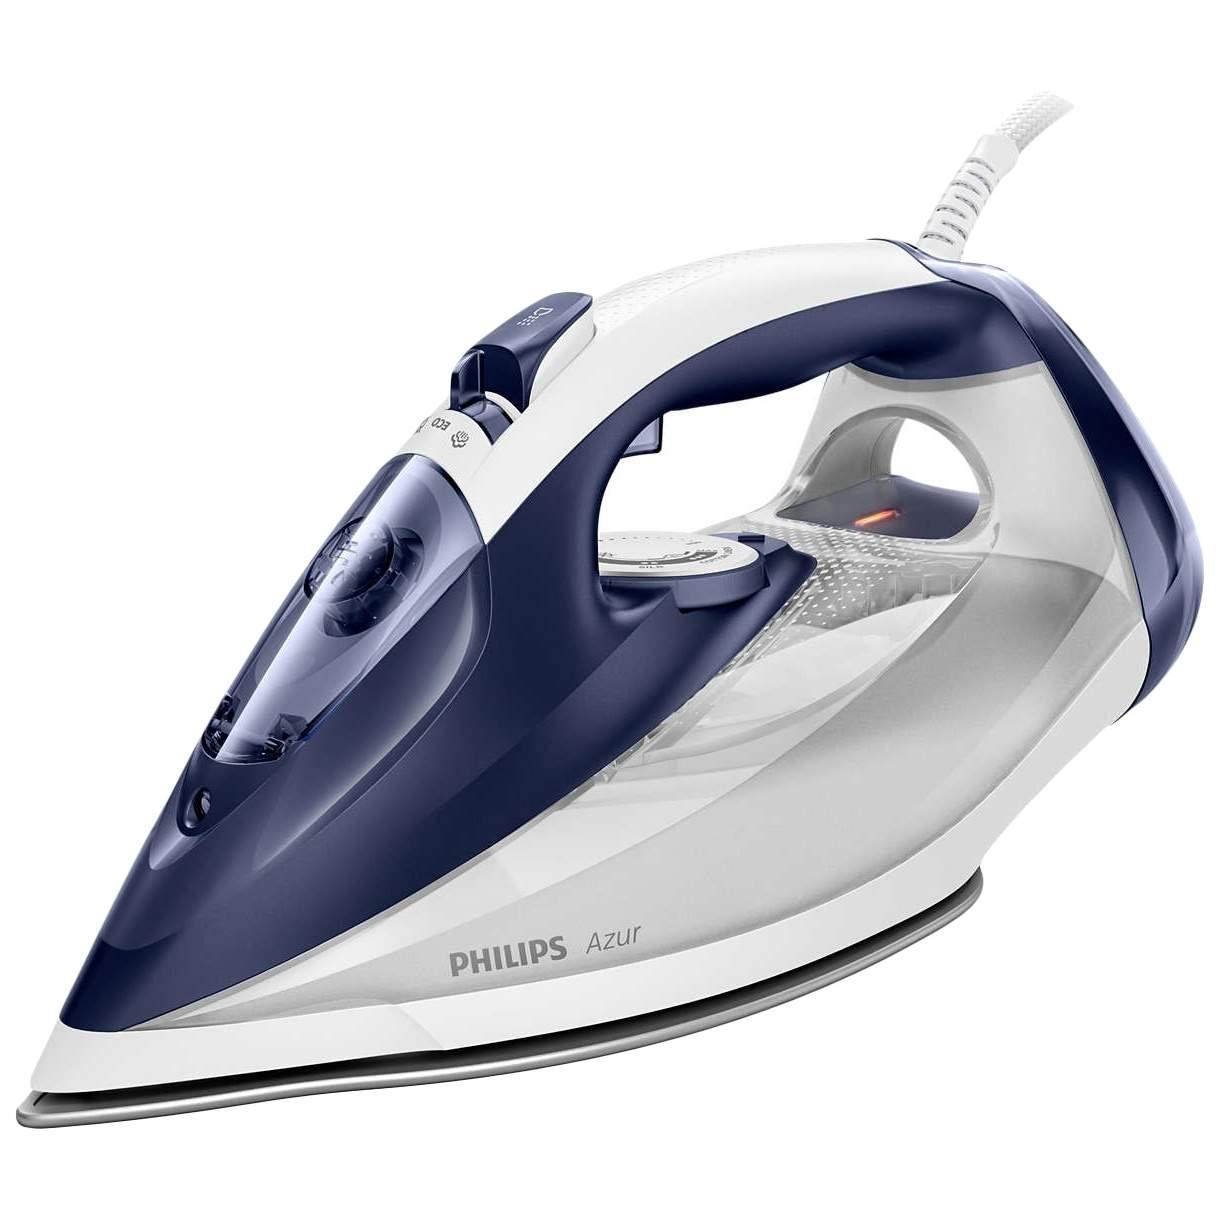 Утюг Philips Azur GC4541/20 White/Grey/Blue, купить в Москве, цены в интернет-магазинах на sbermegamarket.ru